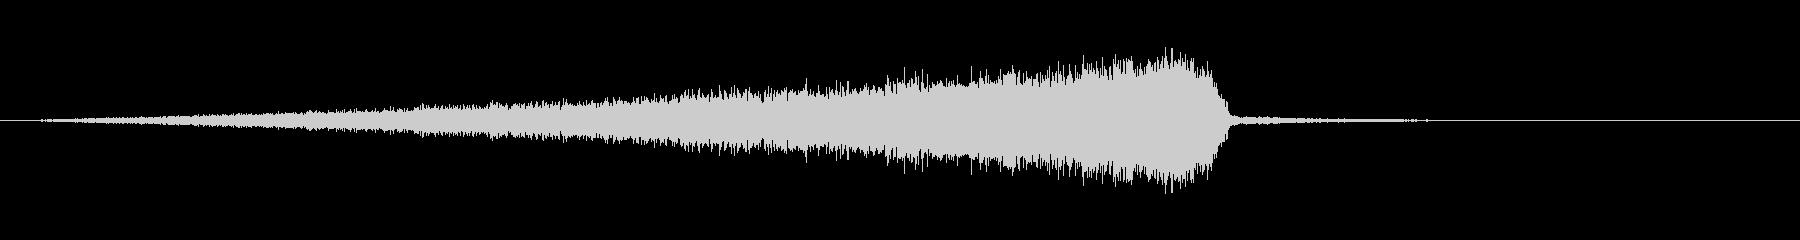 リバースシンバル003C(長め)の未再生の波形